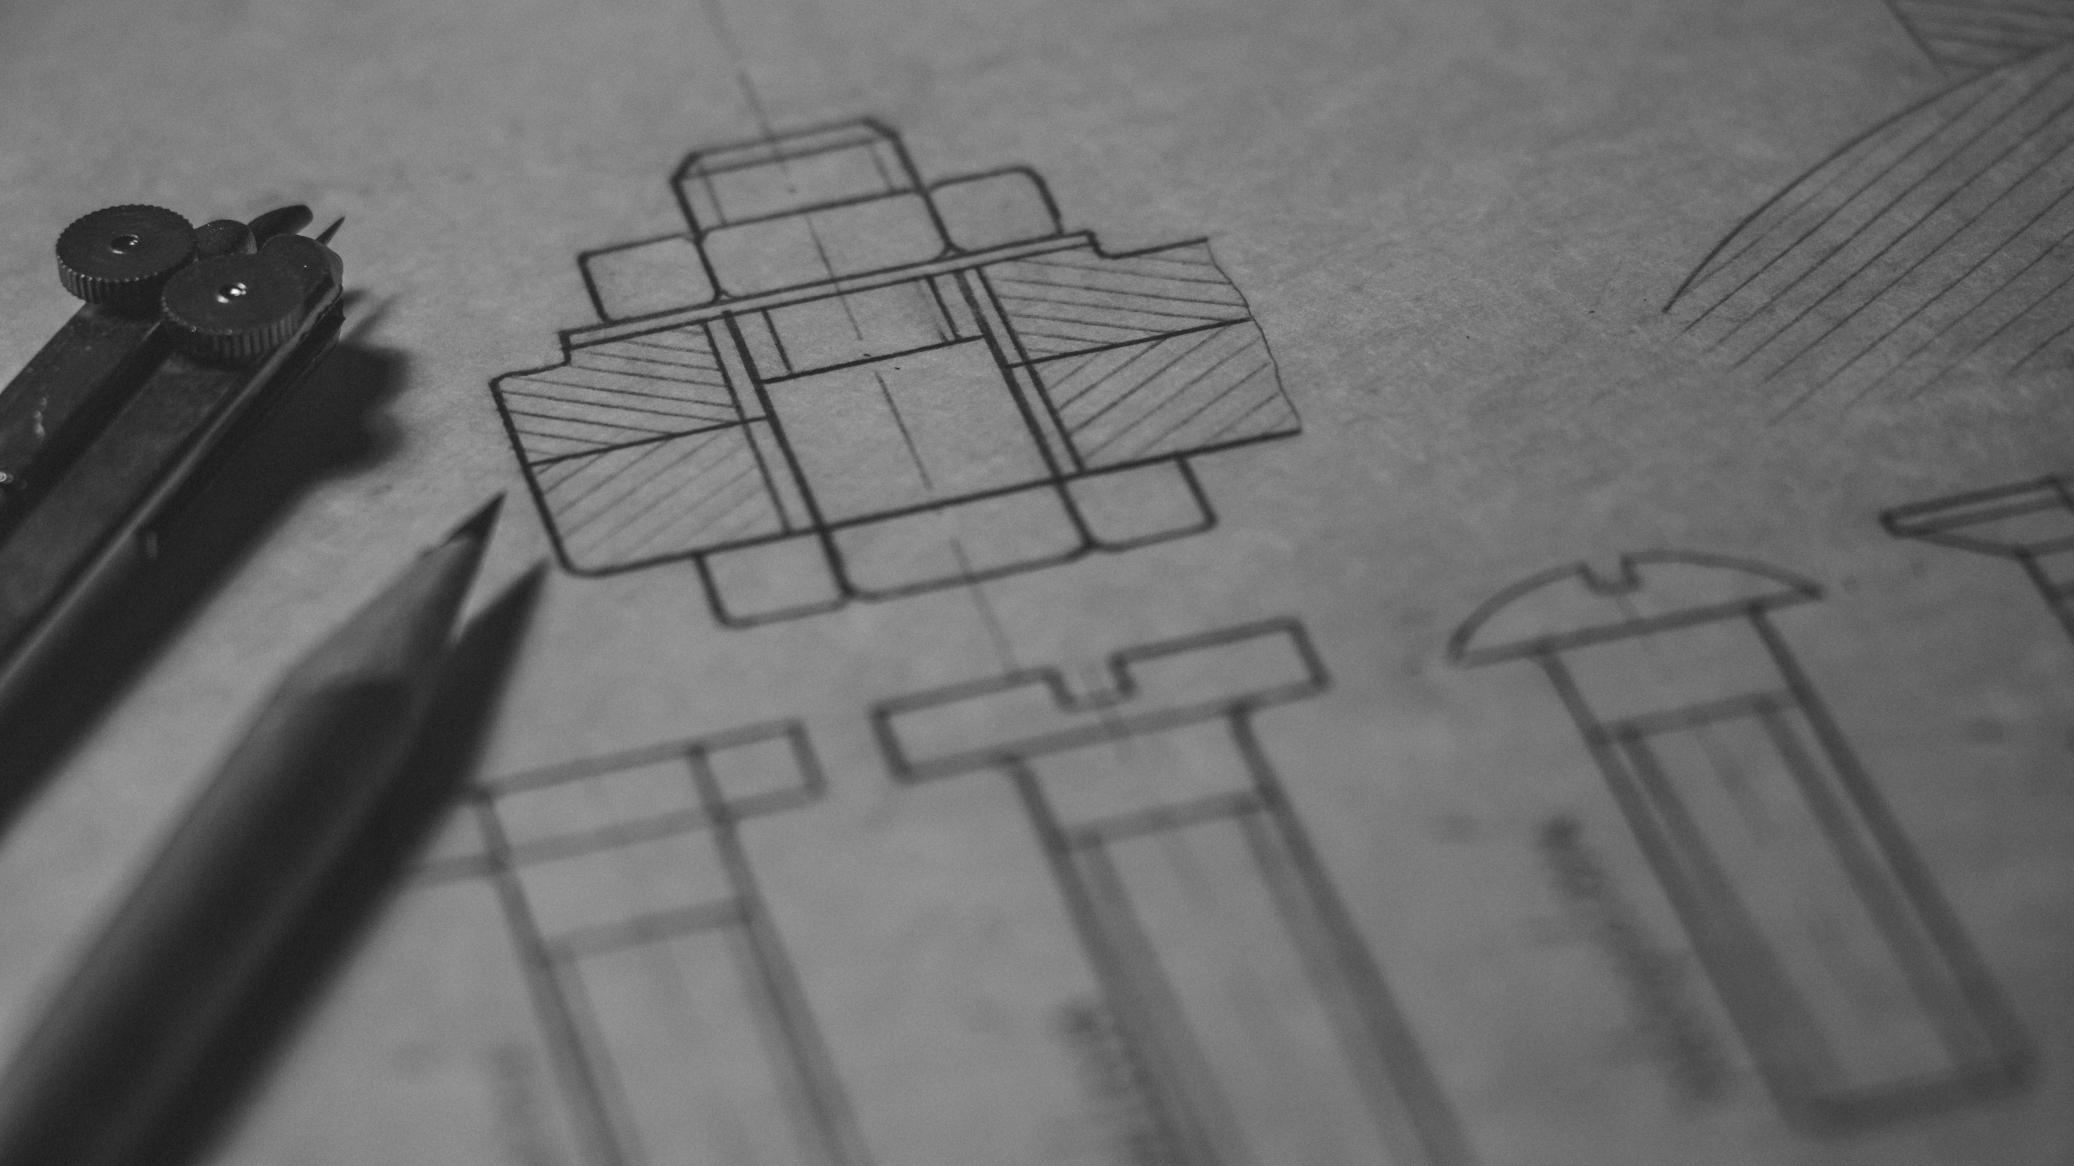 dessins et modèles industriels